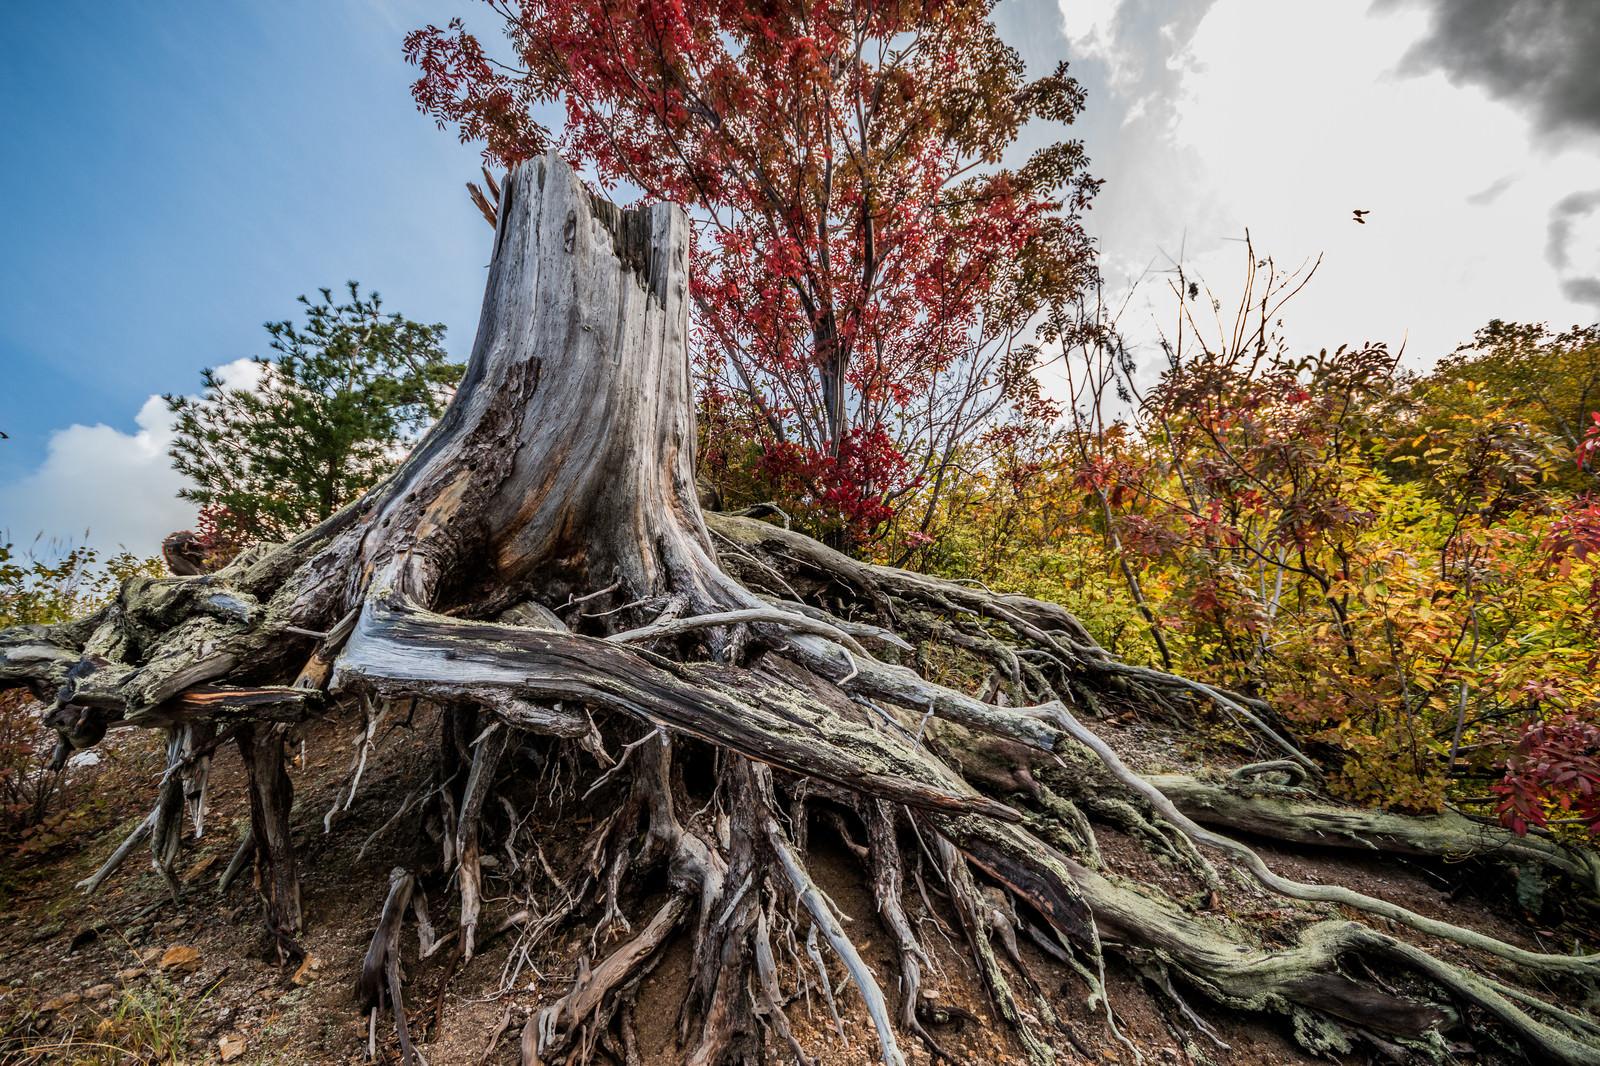 「黄葉した木々と枯木(川原毛地獄) | 写真の無料素材・フリー素材 - ぱくたそ」の写真